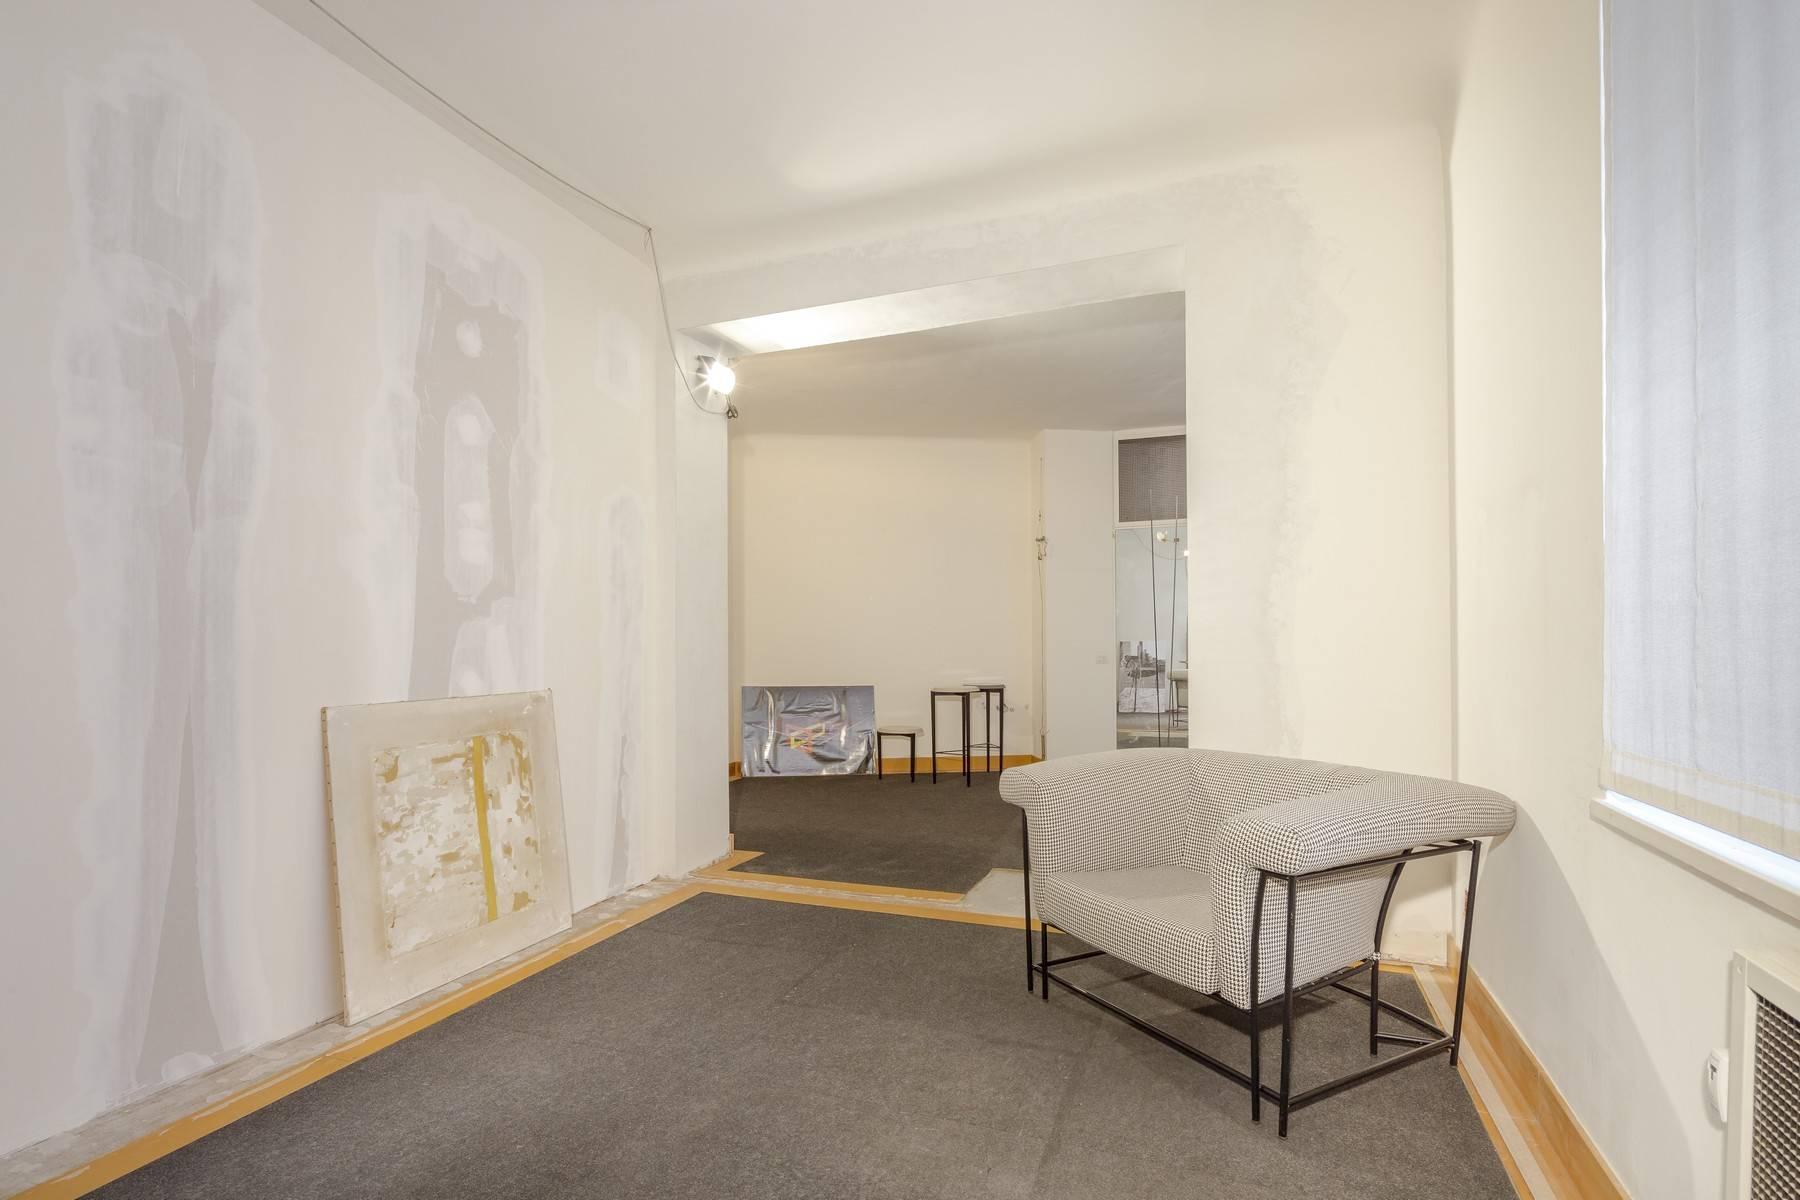 Negozio-locale in Affitto a Milano: 2 locali, 100 mq - Foto 19